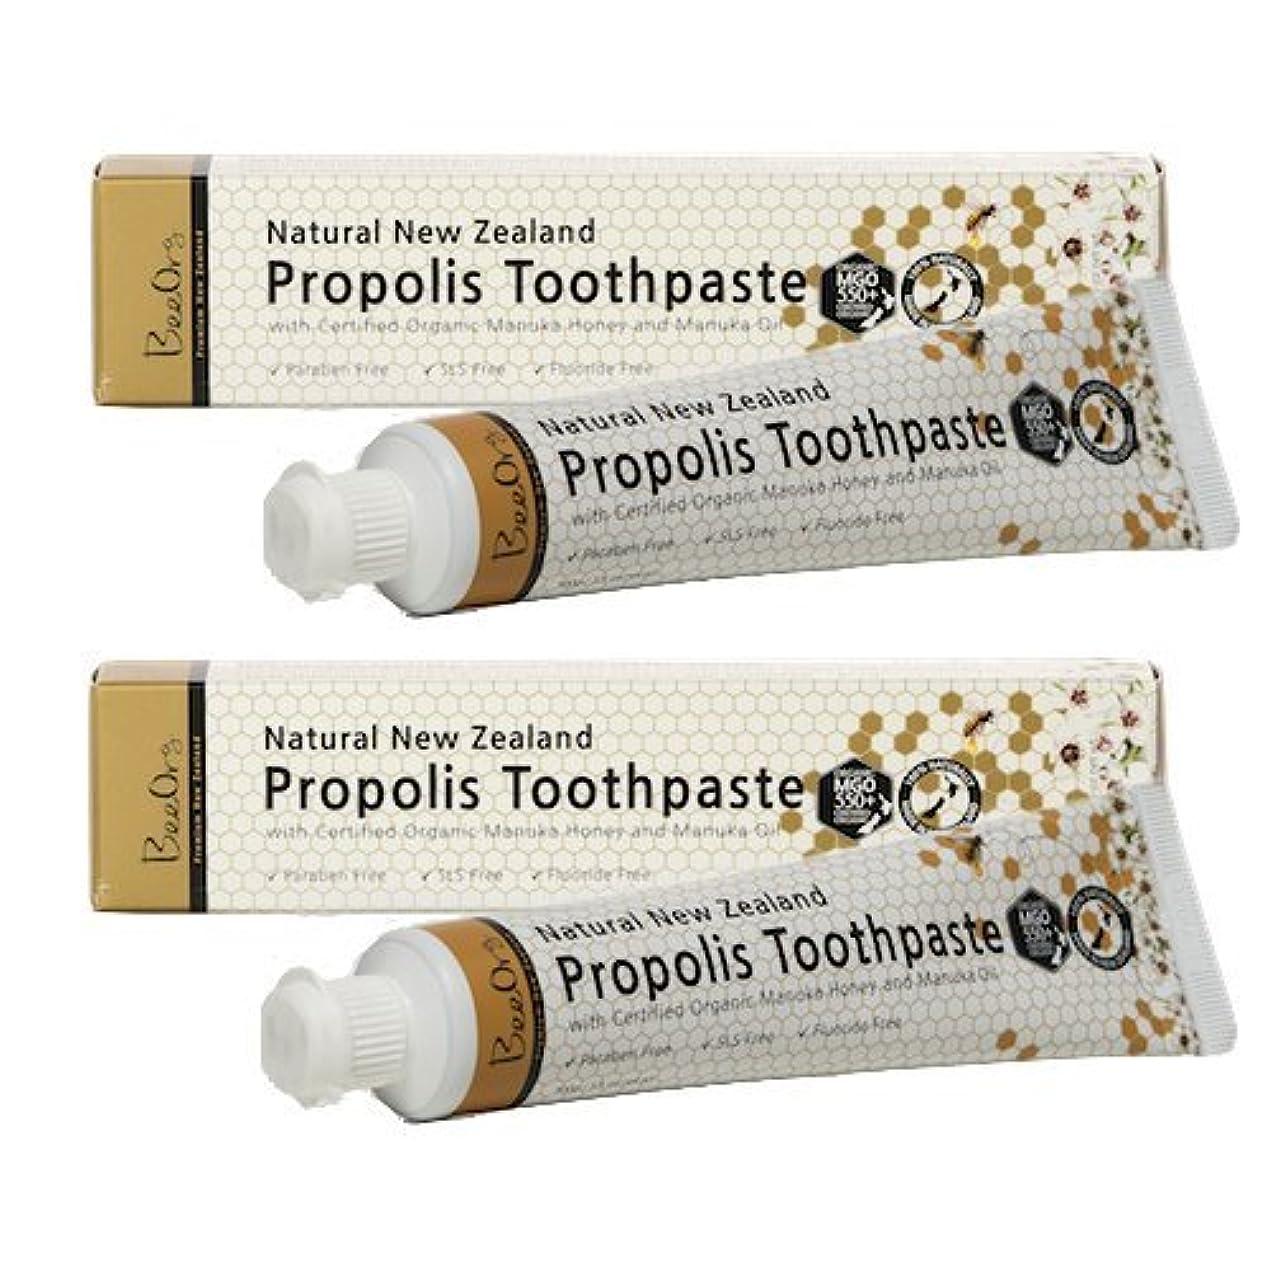 スラッシュ誠意混乱したプロポリス&オーガニック認定マヌカハニーwithマヌカオイル歯磨き 2本セット